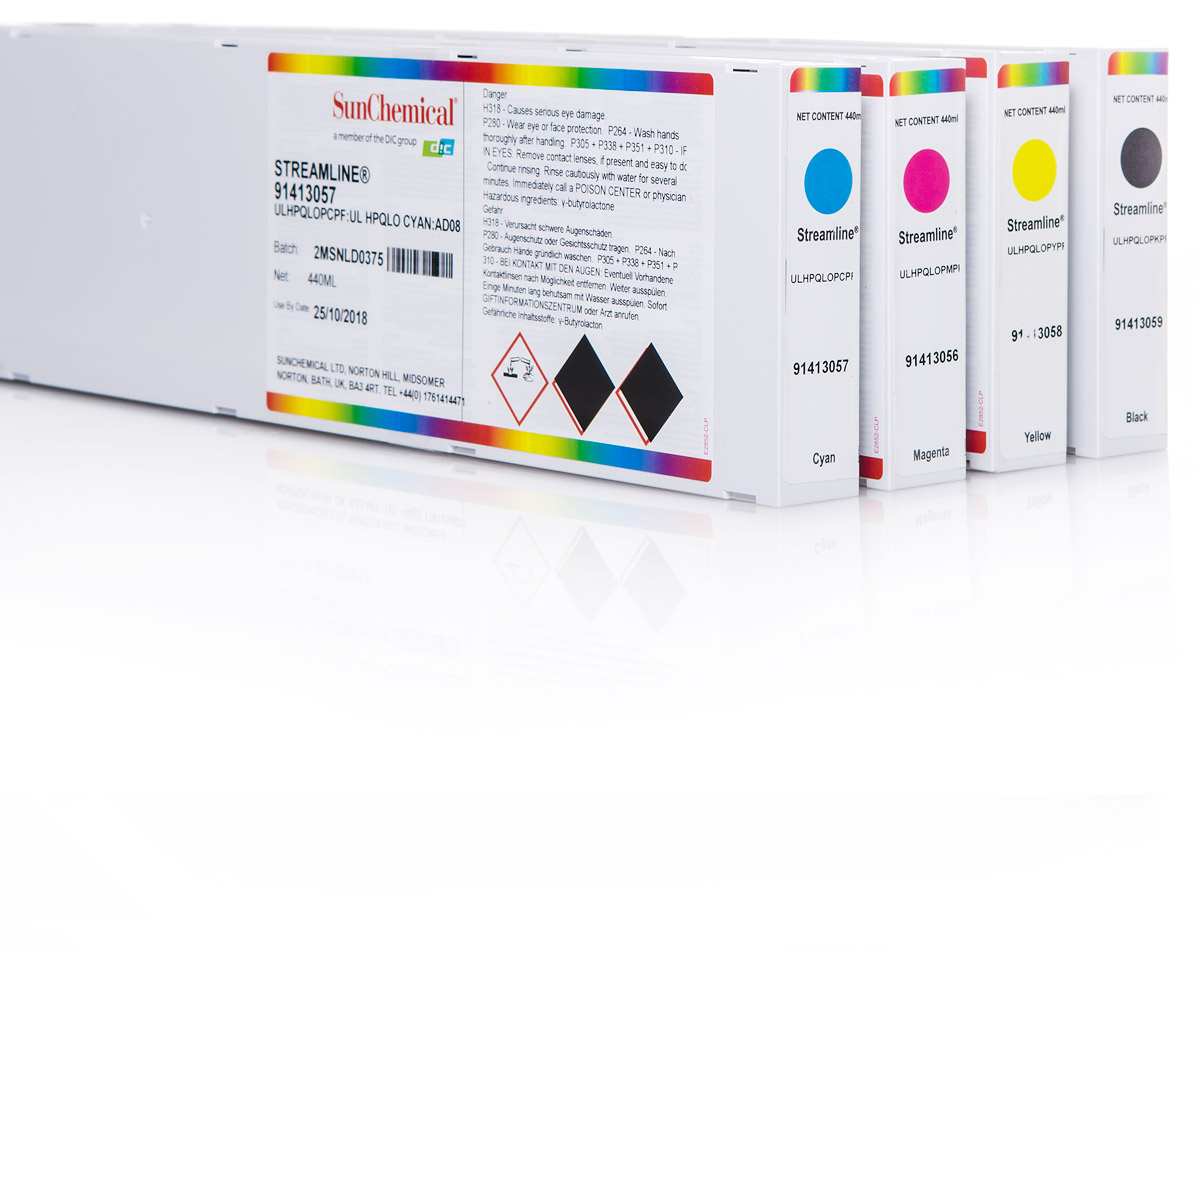 4x Streamline Ultima HPQLO 440ml Tinte Mimaki® JV33 | JV34 | JV150 | JV300 | CJV